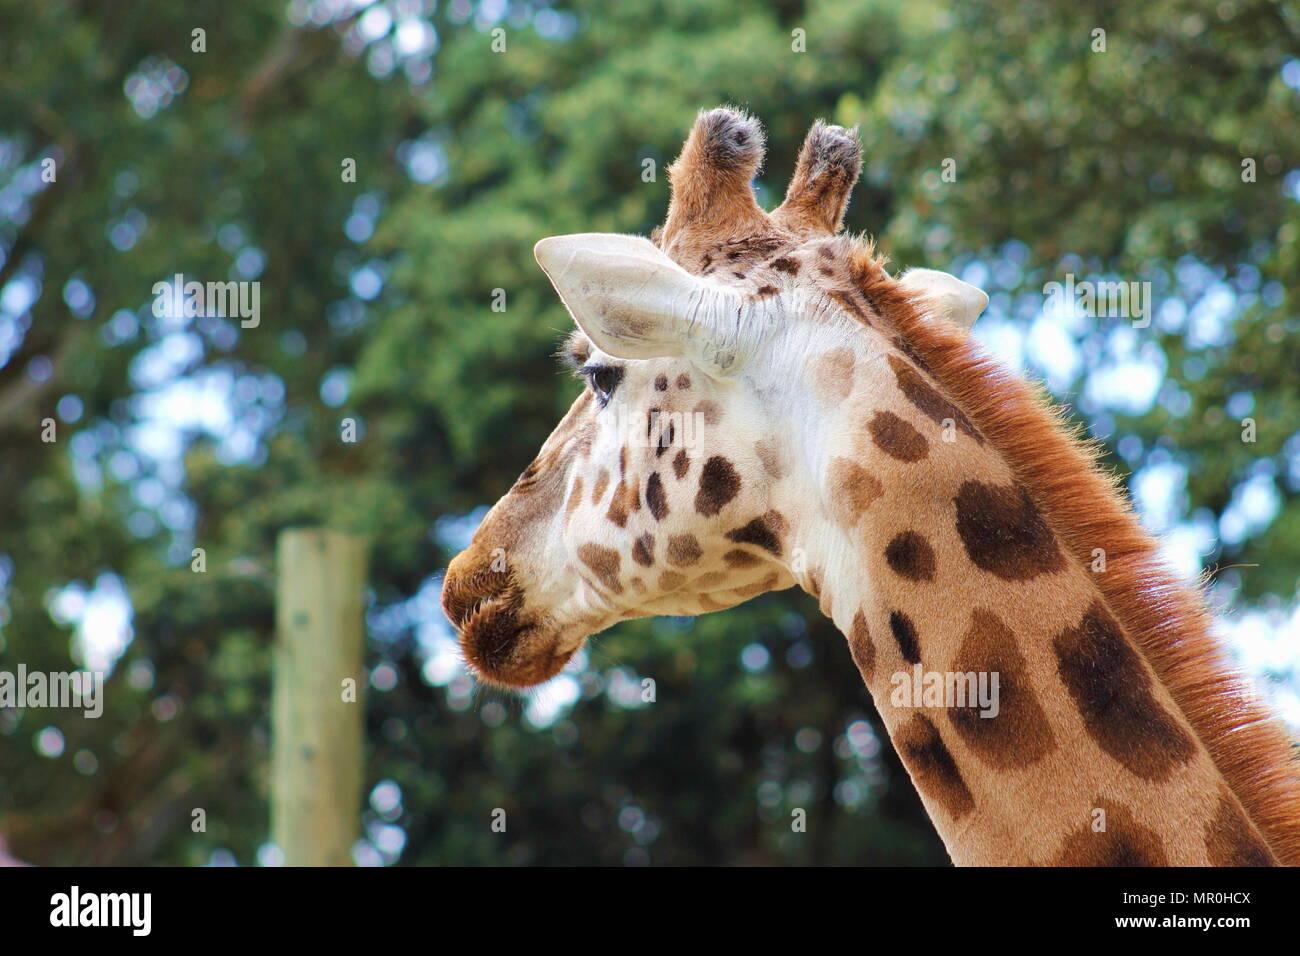 Eine Seite Profil Portrait einer Giraffe (Giraffa Camelopardalis) Stockbild